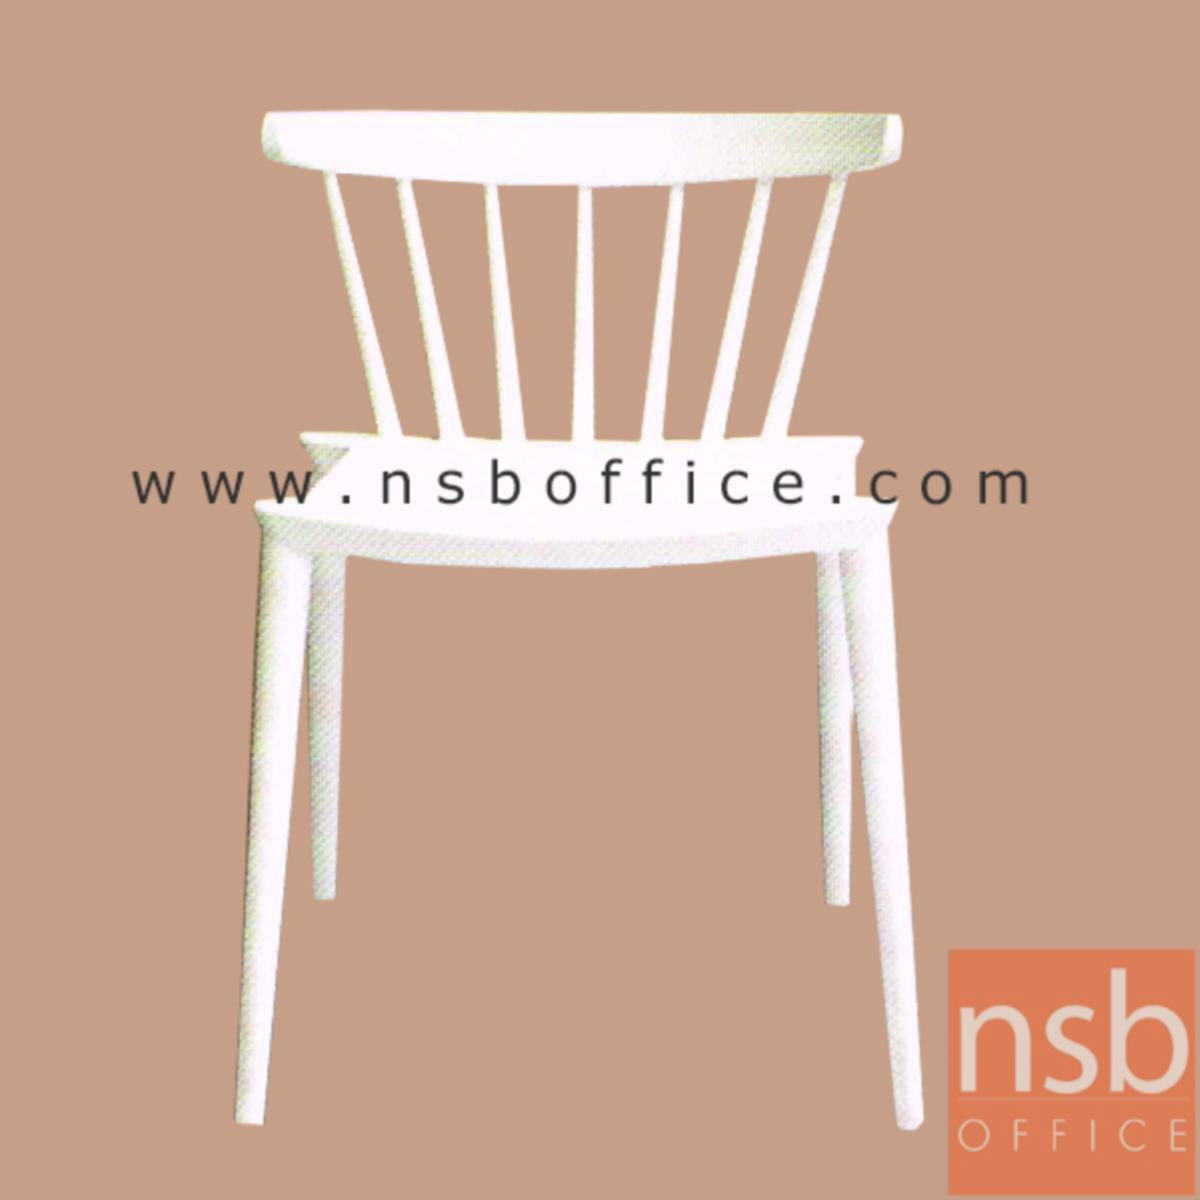 เก้าอี้โมดิร์นพลาสติกโพลี่(PP)ล้วน รุ่น PN-92174 ขนาด 51W cm.